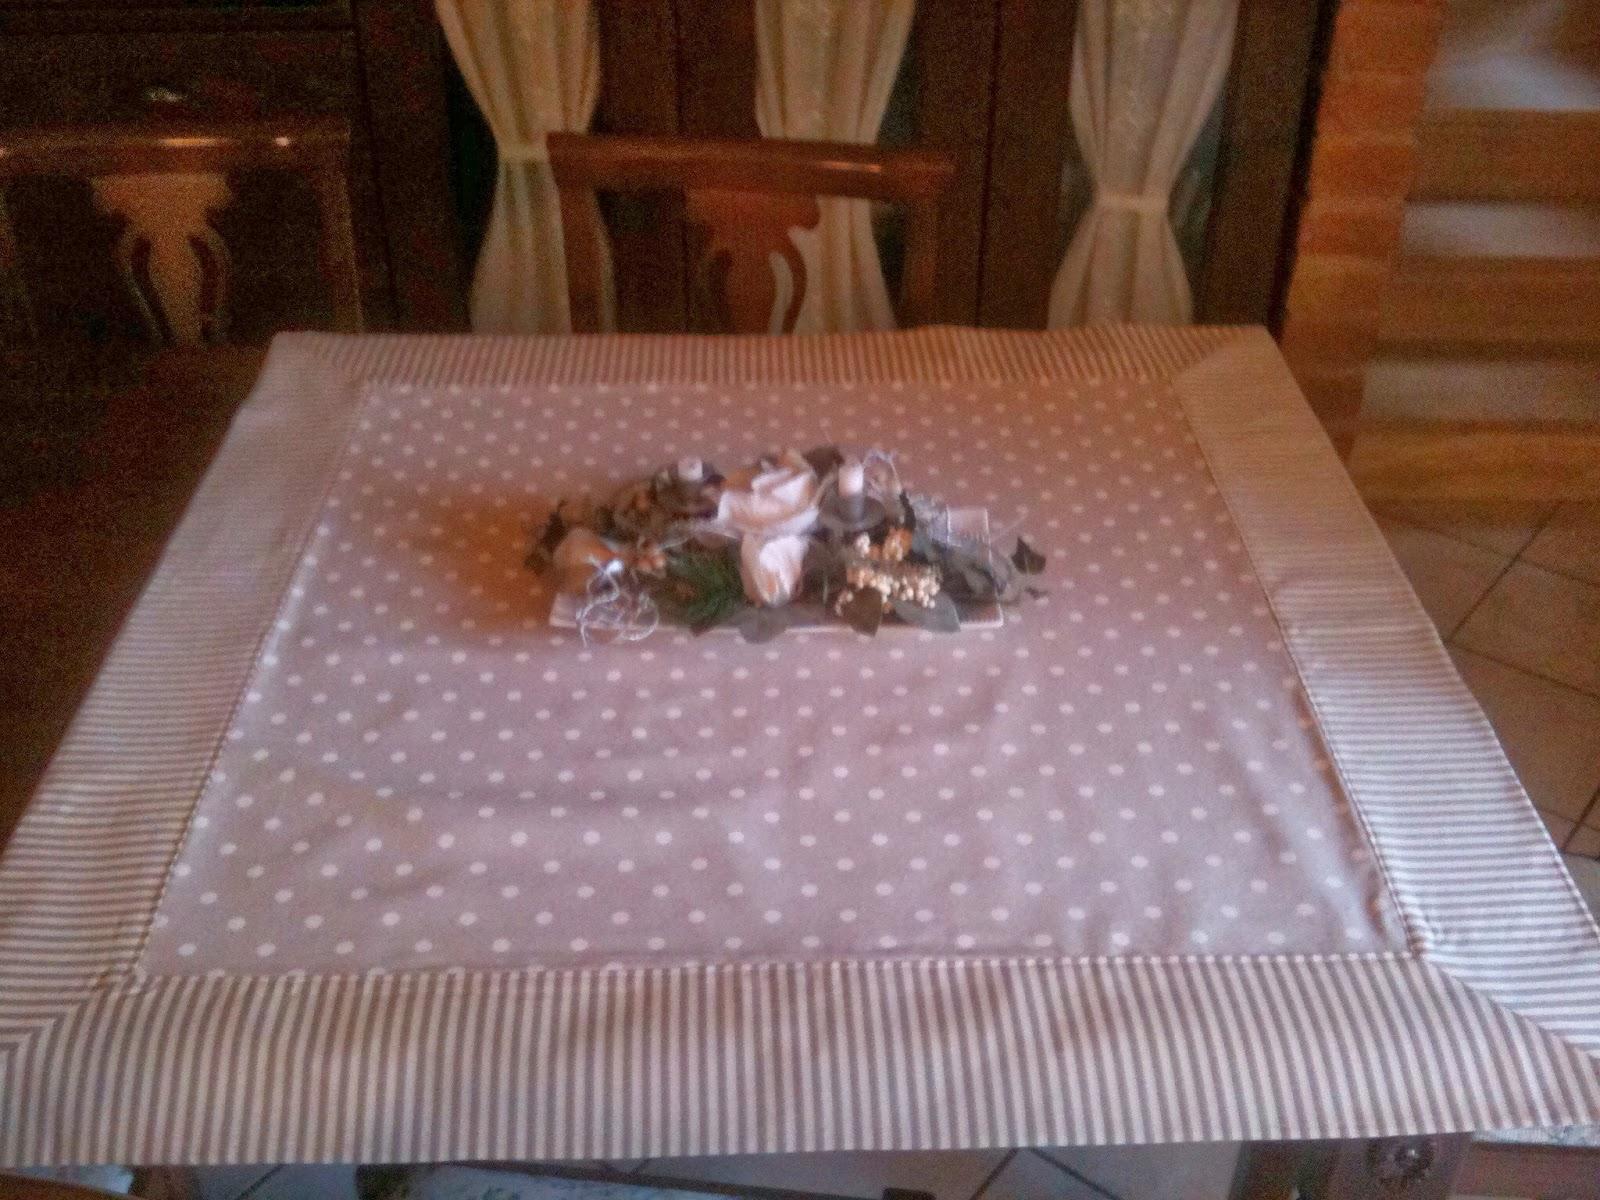 Tovaglie Per Cucina ~ Idee Creative su Design Per La Casa e Interni